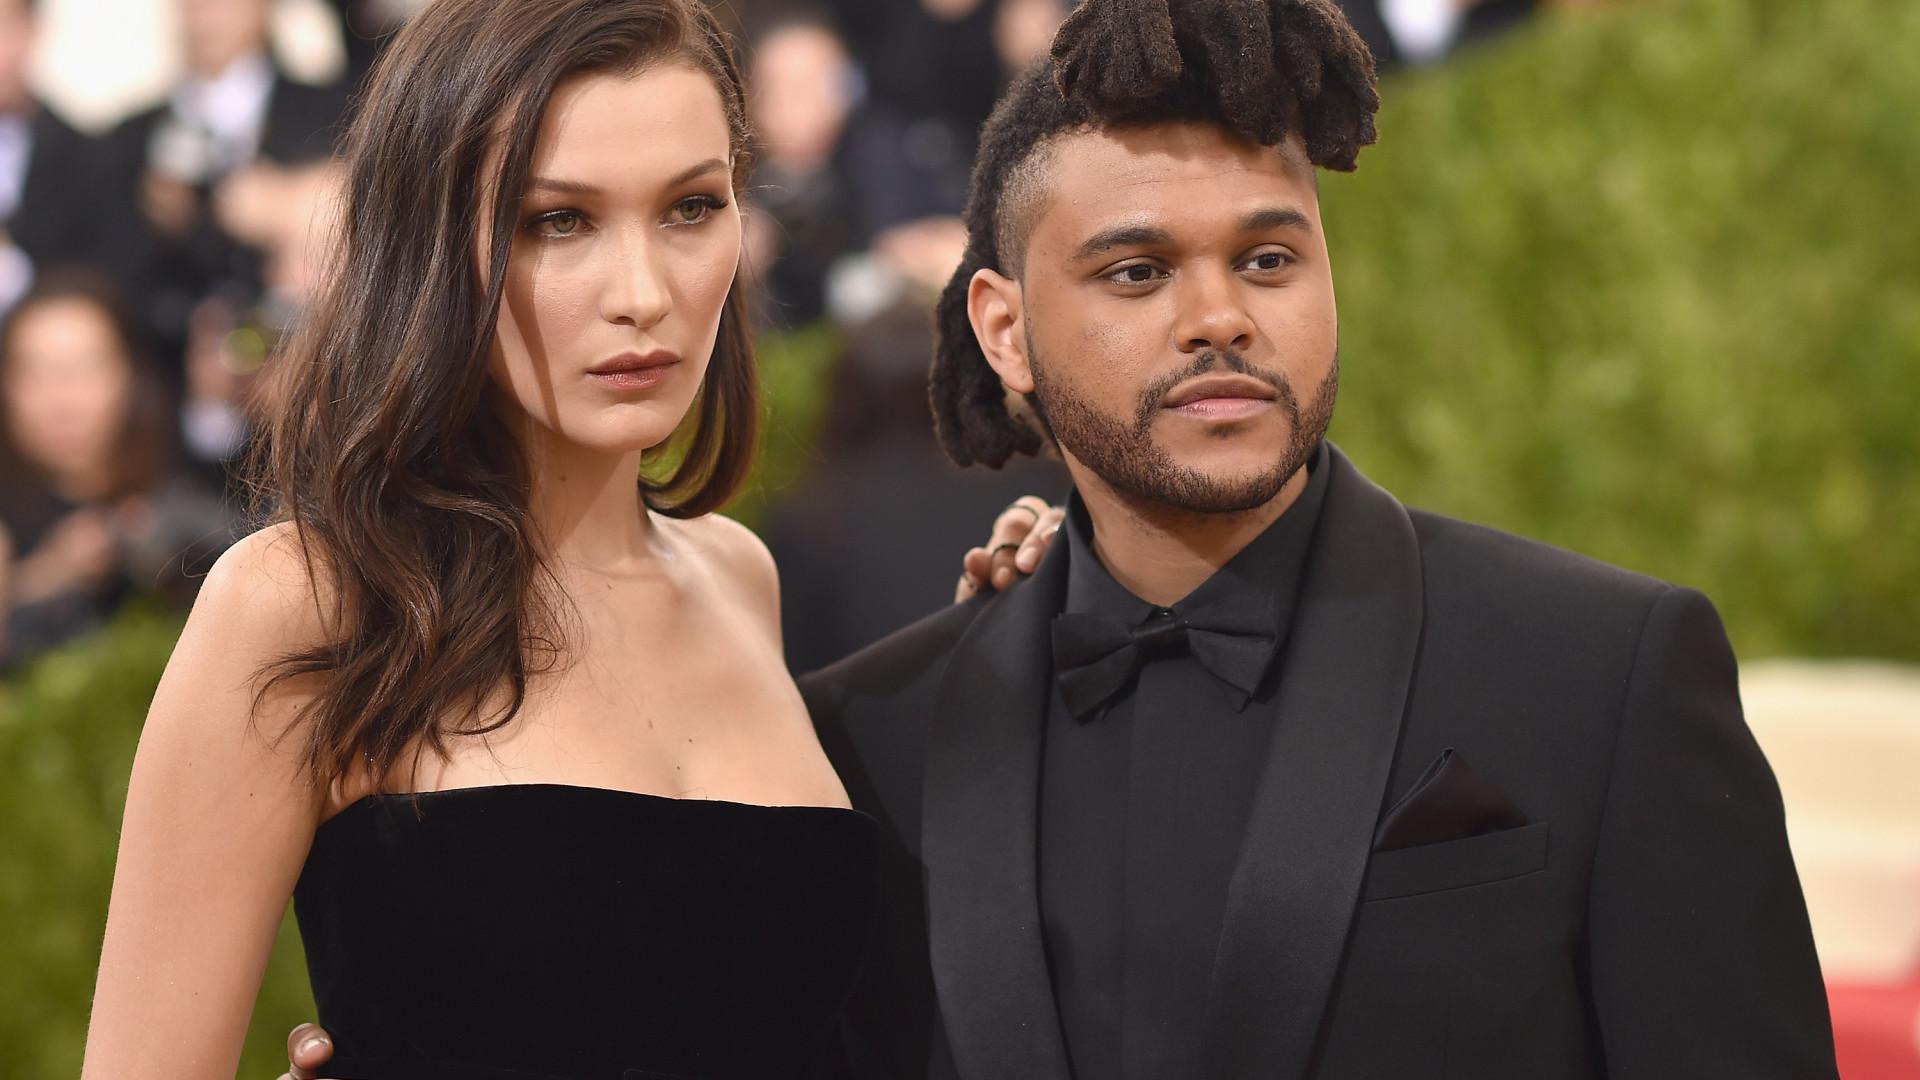 Após estar aos beijos com Hadid, The Weeknd é visto com outra rapariga